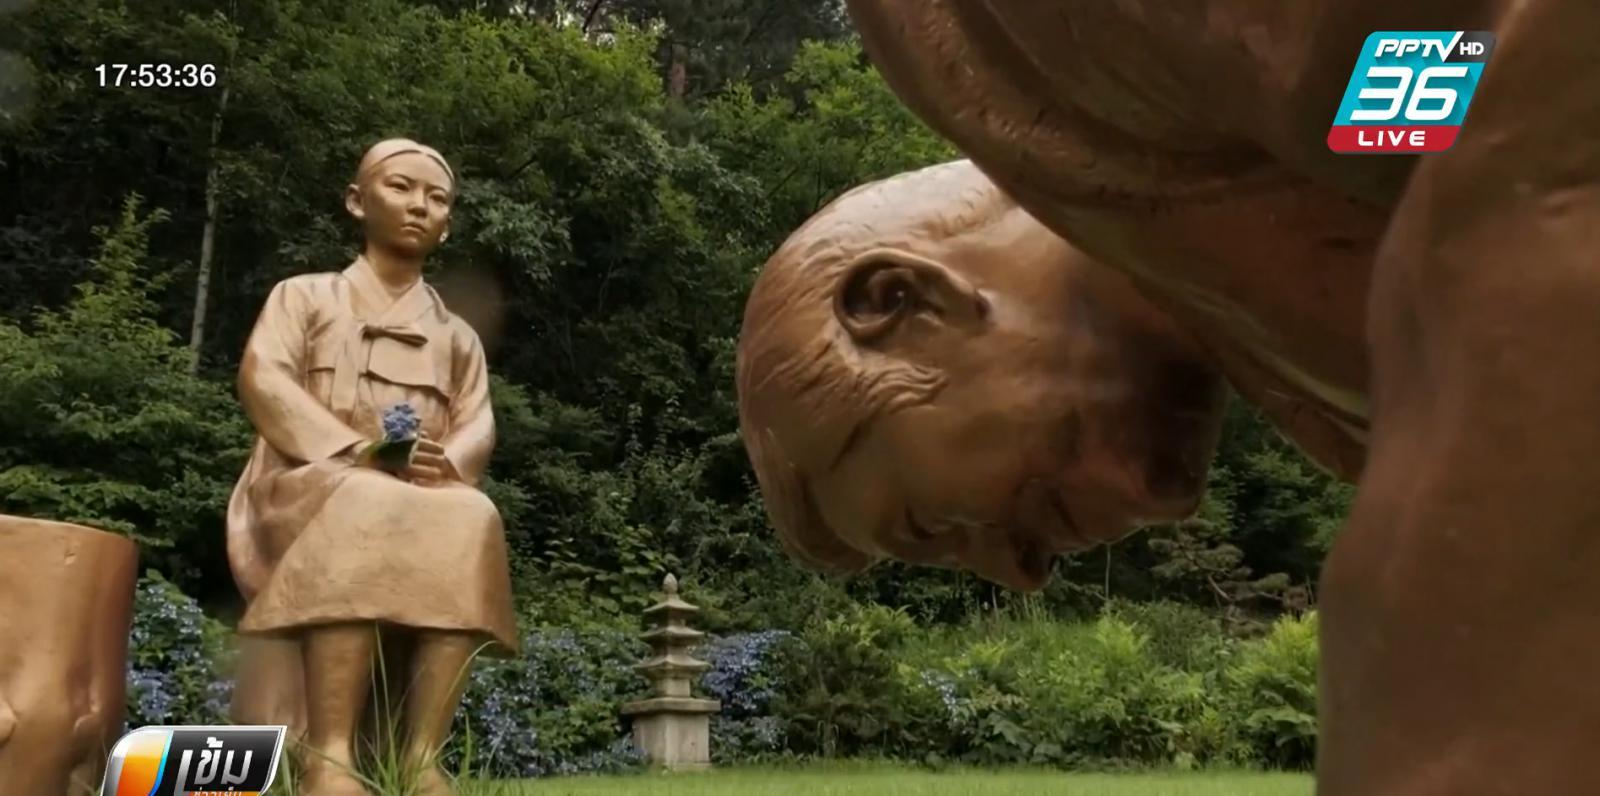 """เกาหลีใต้ตั้งรูปปั้น """"ชินโซ อาเบะ"""" คุกเข่าขอโทษหญิงบำเรอ"""